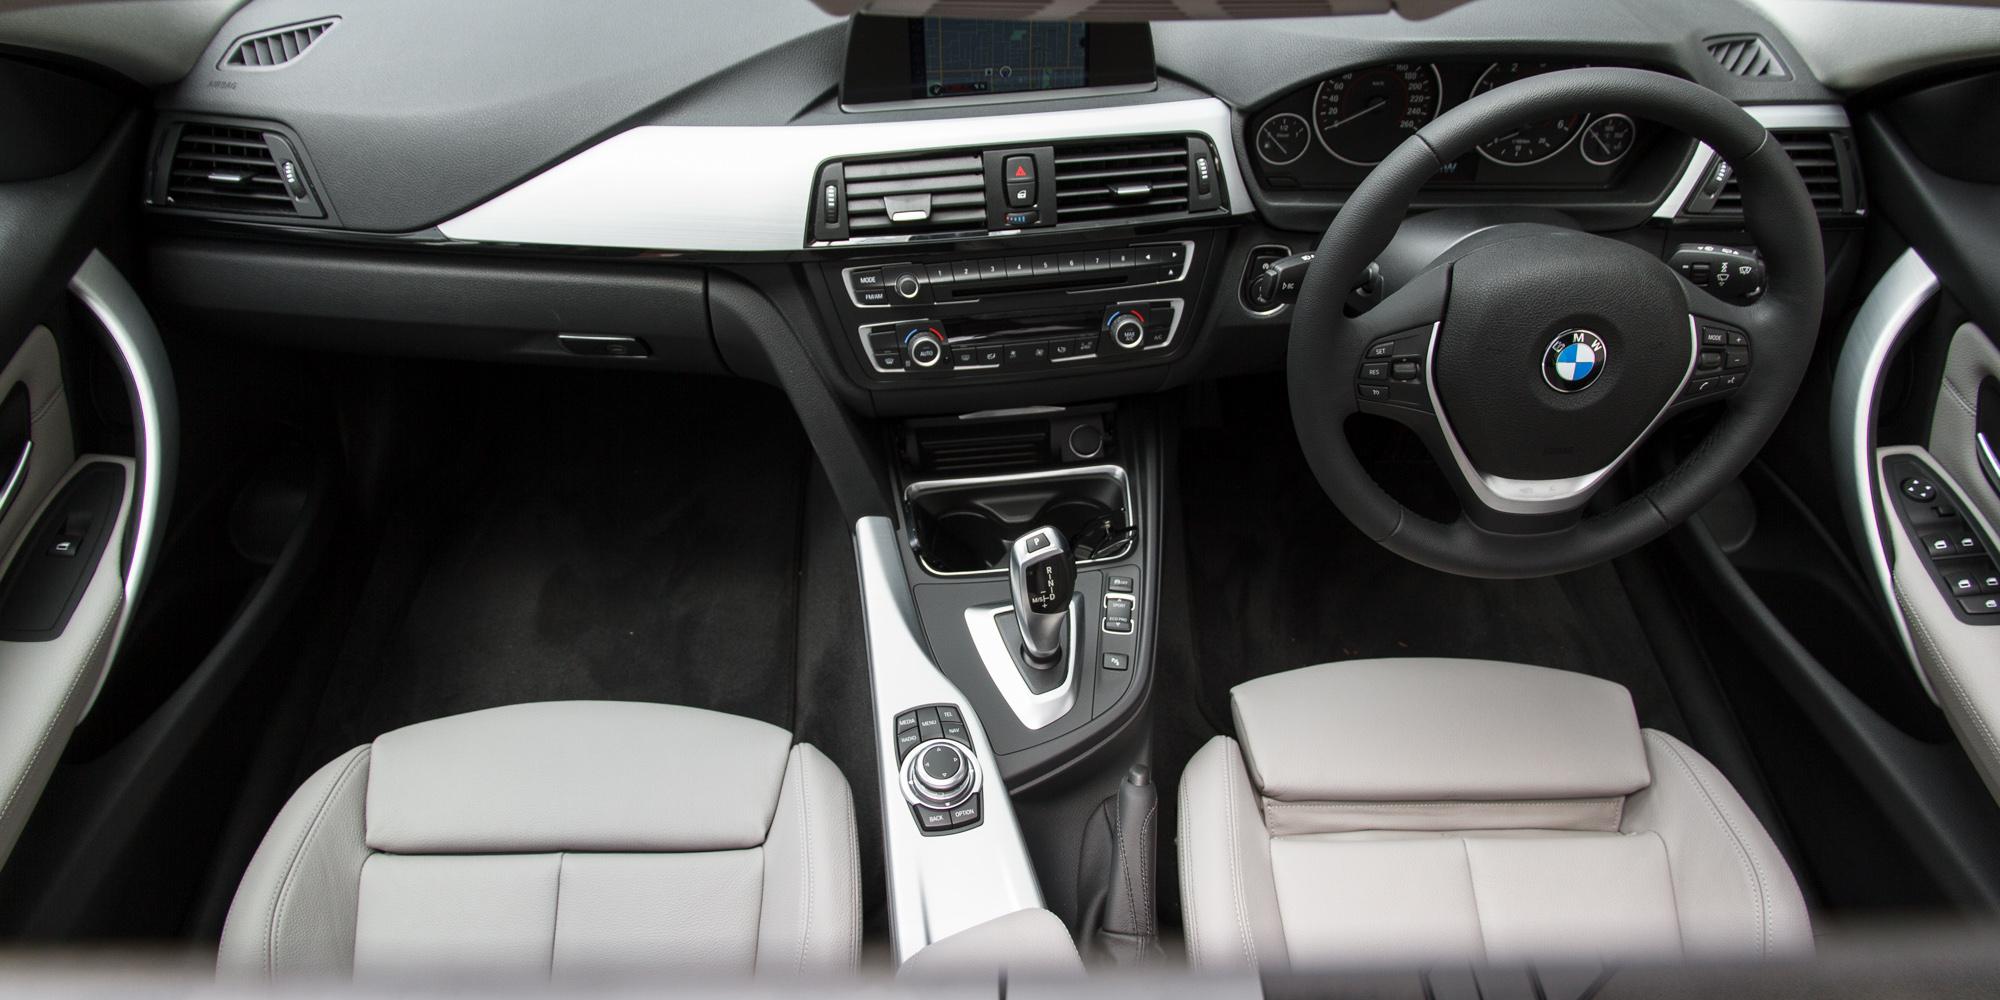 2015 BMW 318d Touring Review - photos | CarAdvice